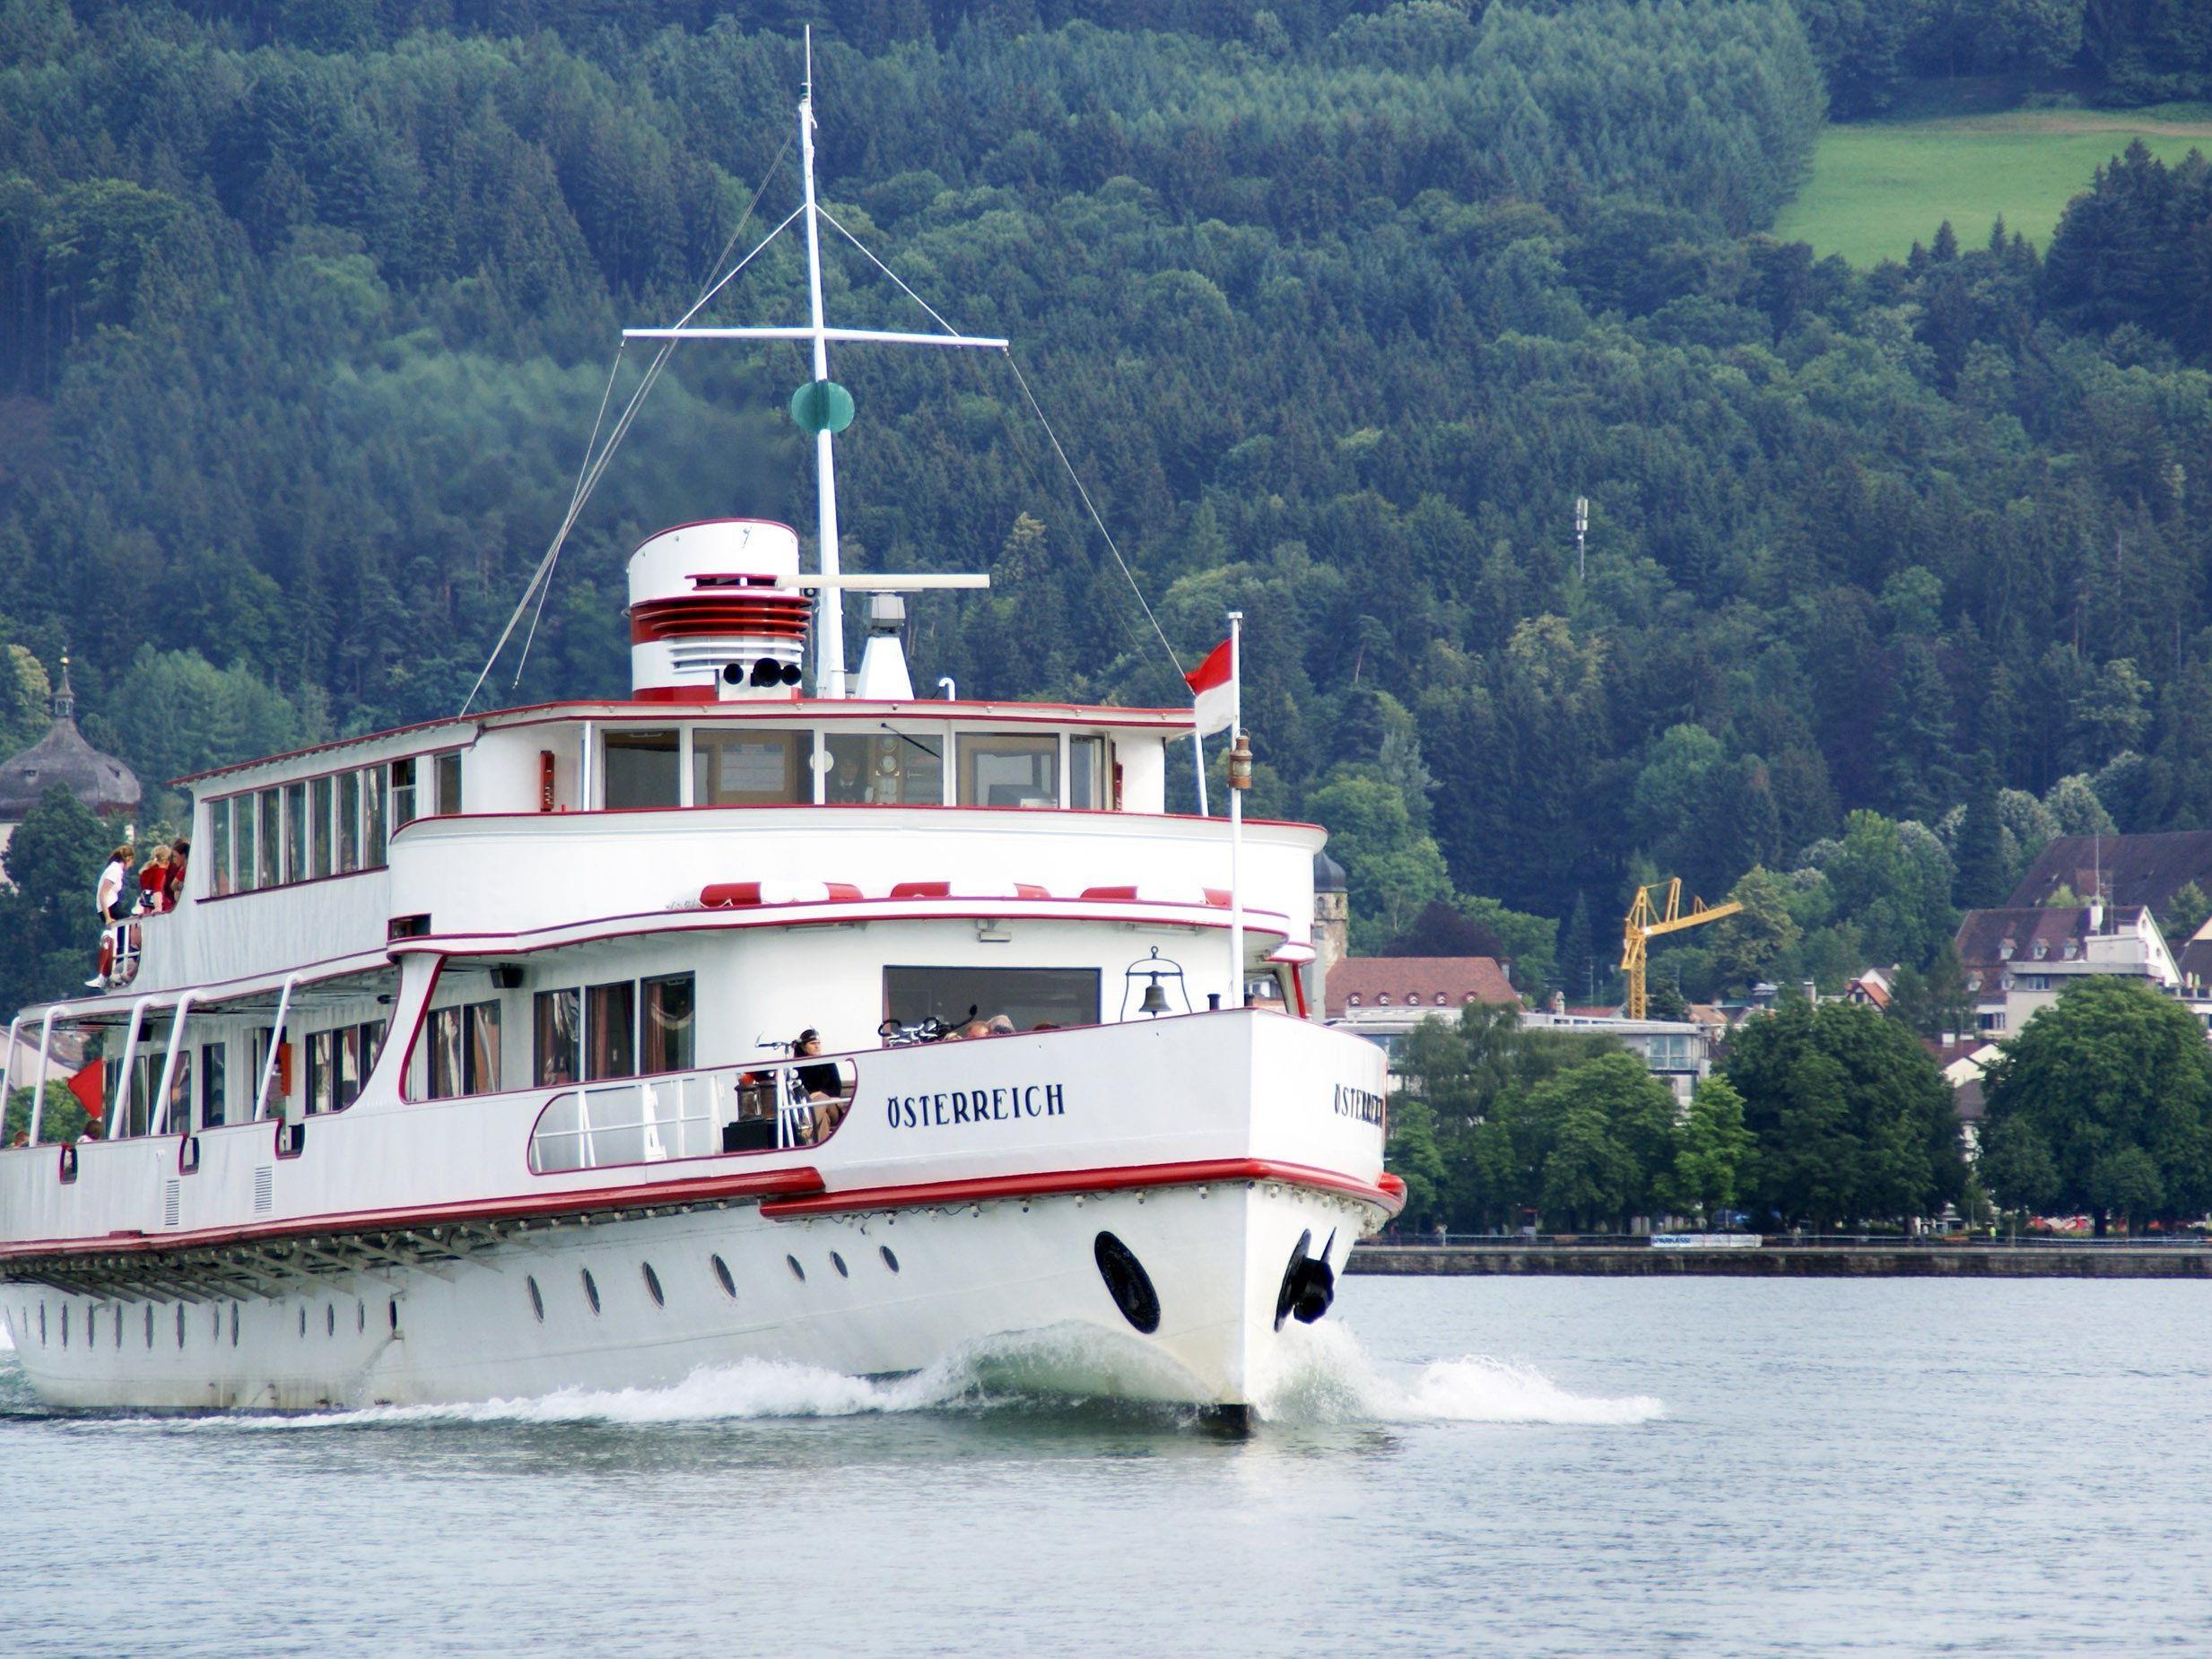 Das MS Österreich kann am 11. Juli besichtigt werden, weiters gibt es Schiffsinventar zu erwerben.